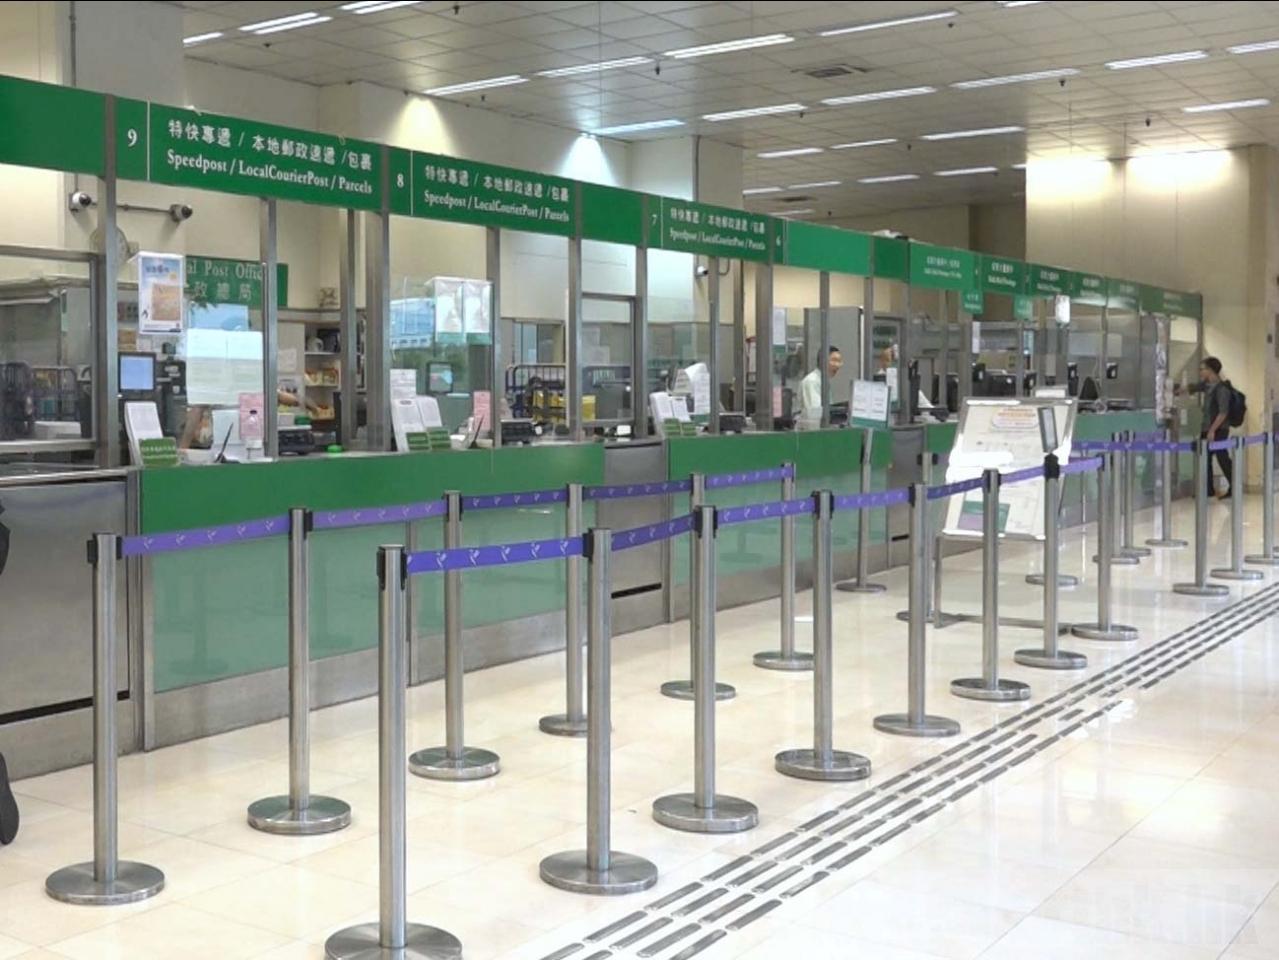 香港郵政經初步評估後選定7間郵政局推出服務,長者每次最多可提取5百元。